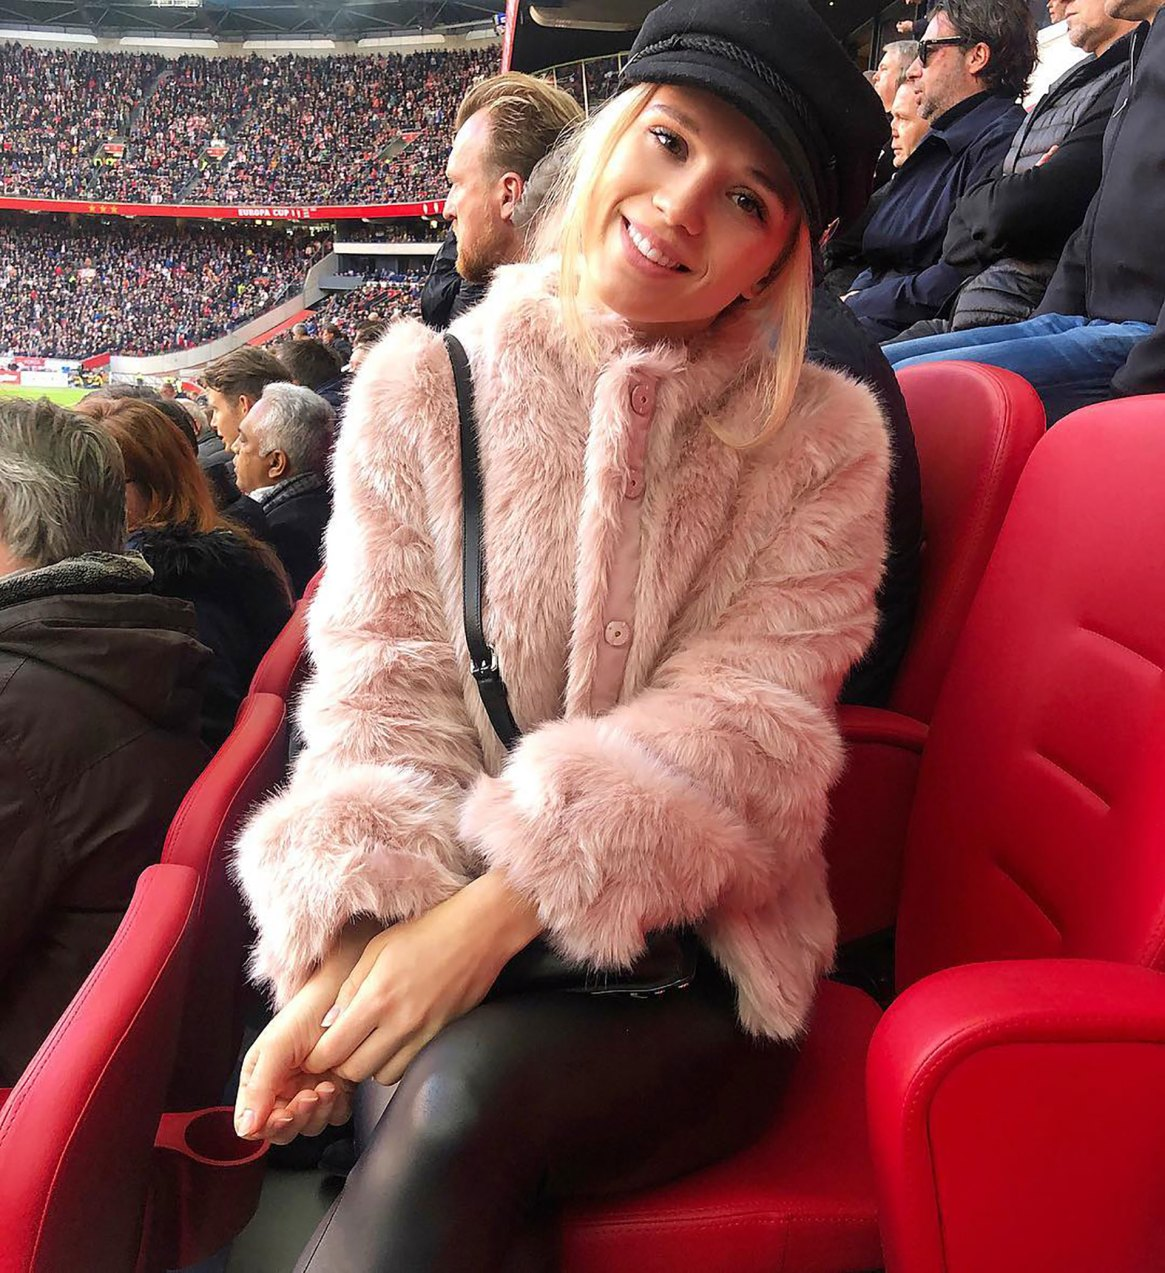 La modelo alamana Kira Winona en el estadio del Ajax apoyando a su novio David Neres